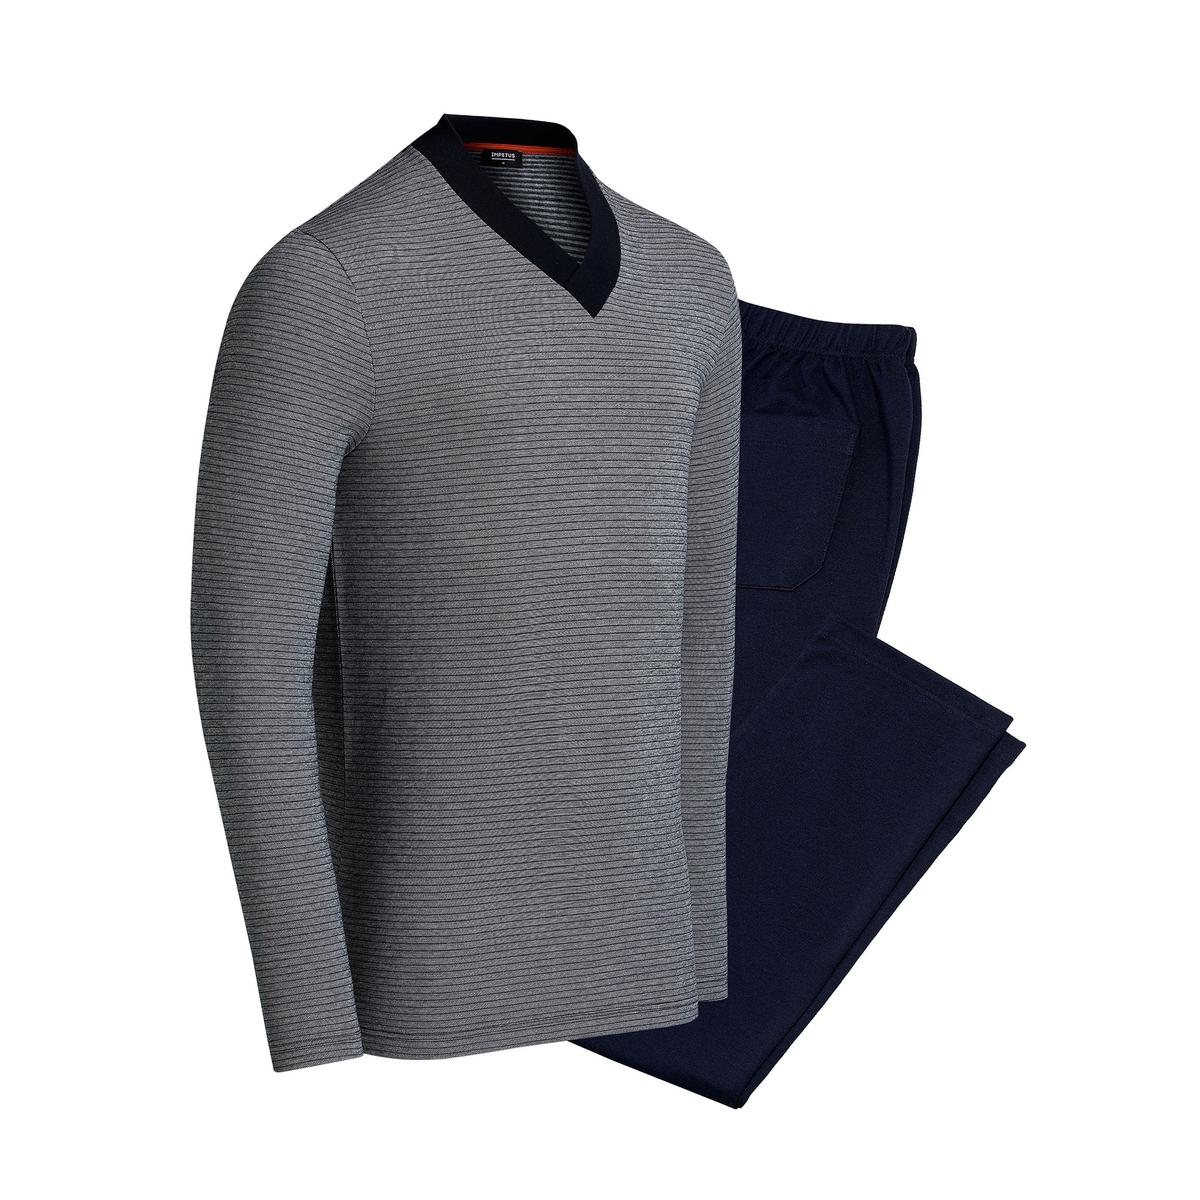 Pijama em algodão modal Broceliande